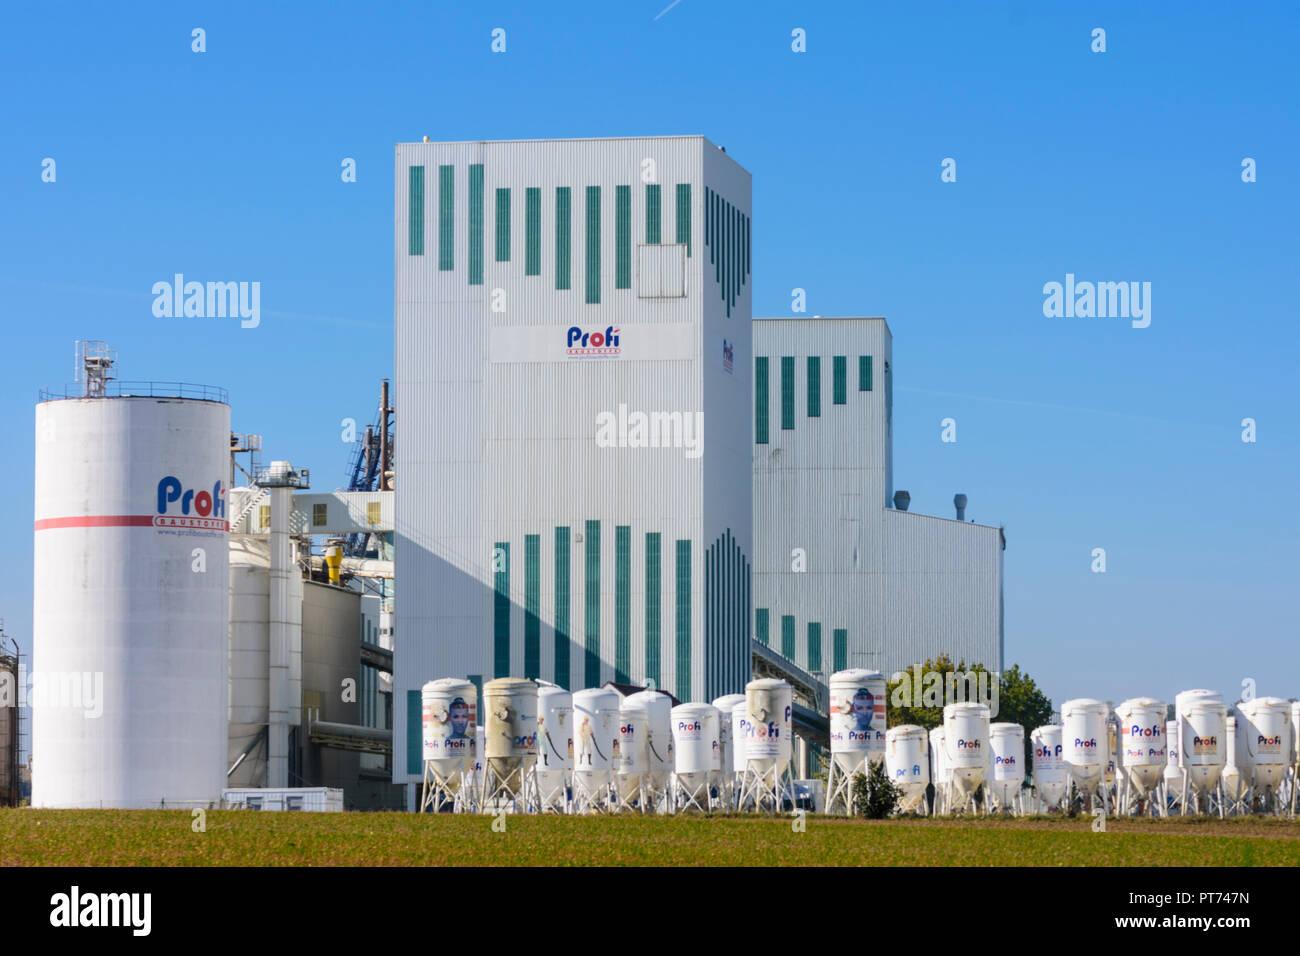 Ernstbrunn: company Ernstbrunner Kalktechnik, Profi Baustoffe in Weinviertel, Niederösterreich, Lower Austria, Austria - Stock Image